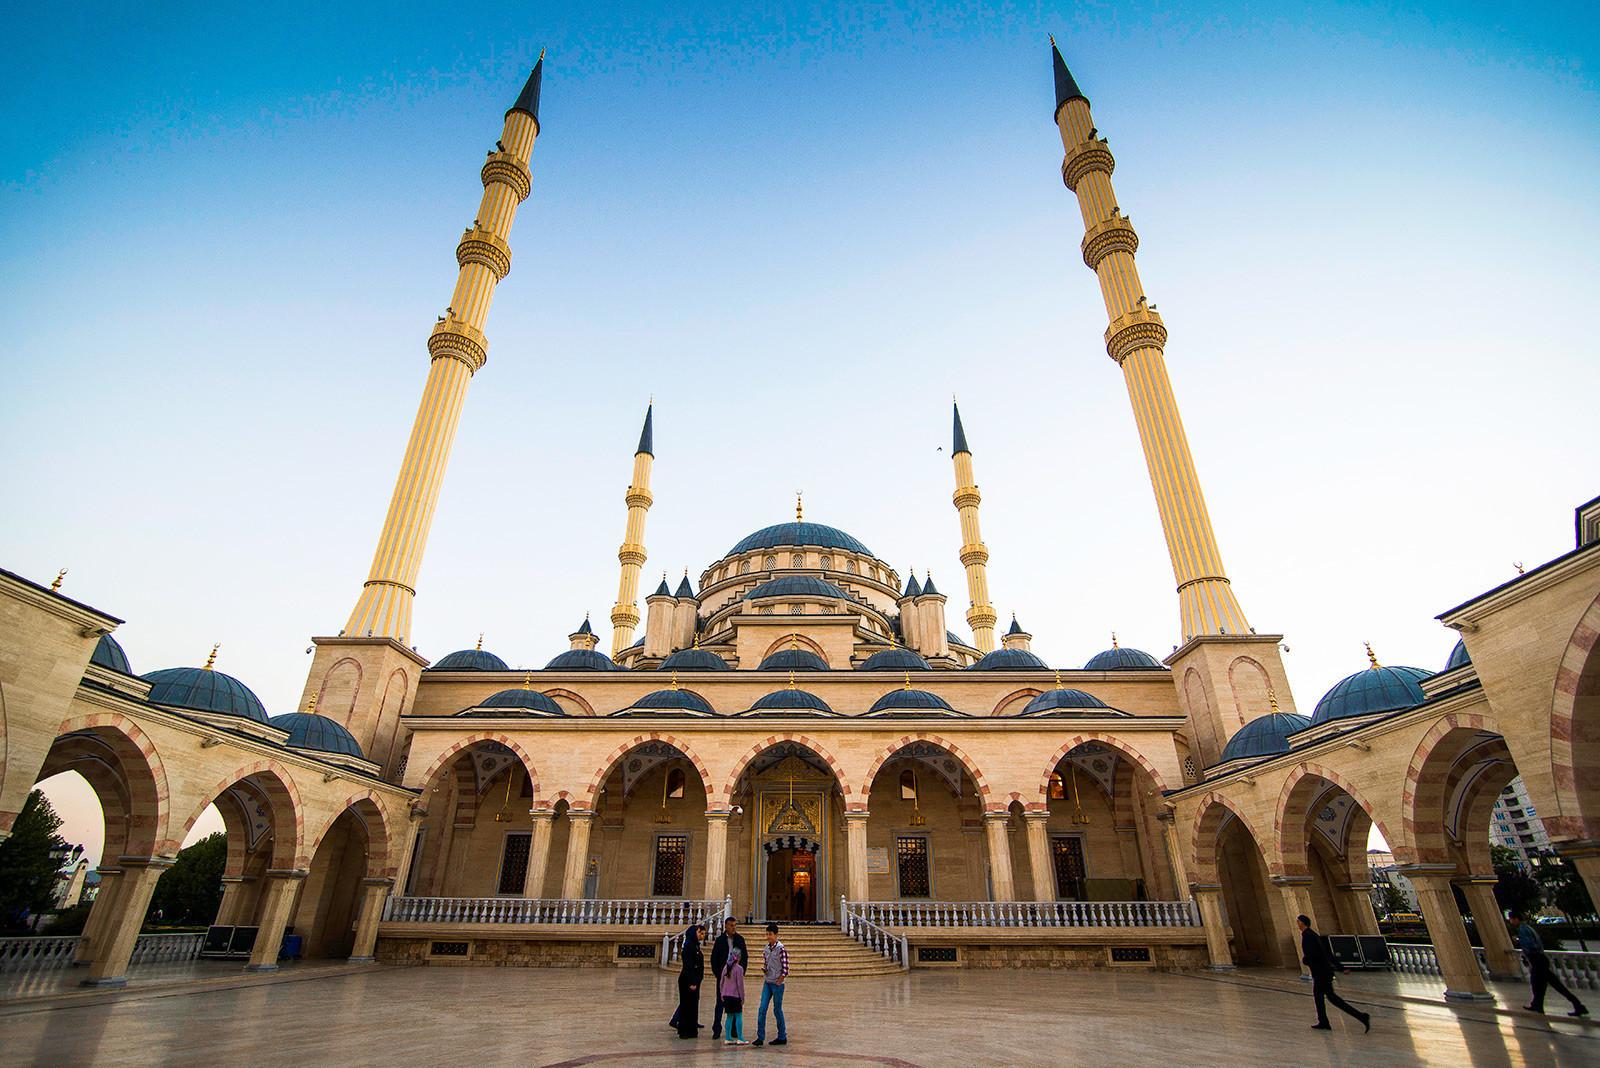 Džamija Srce Čečenije